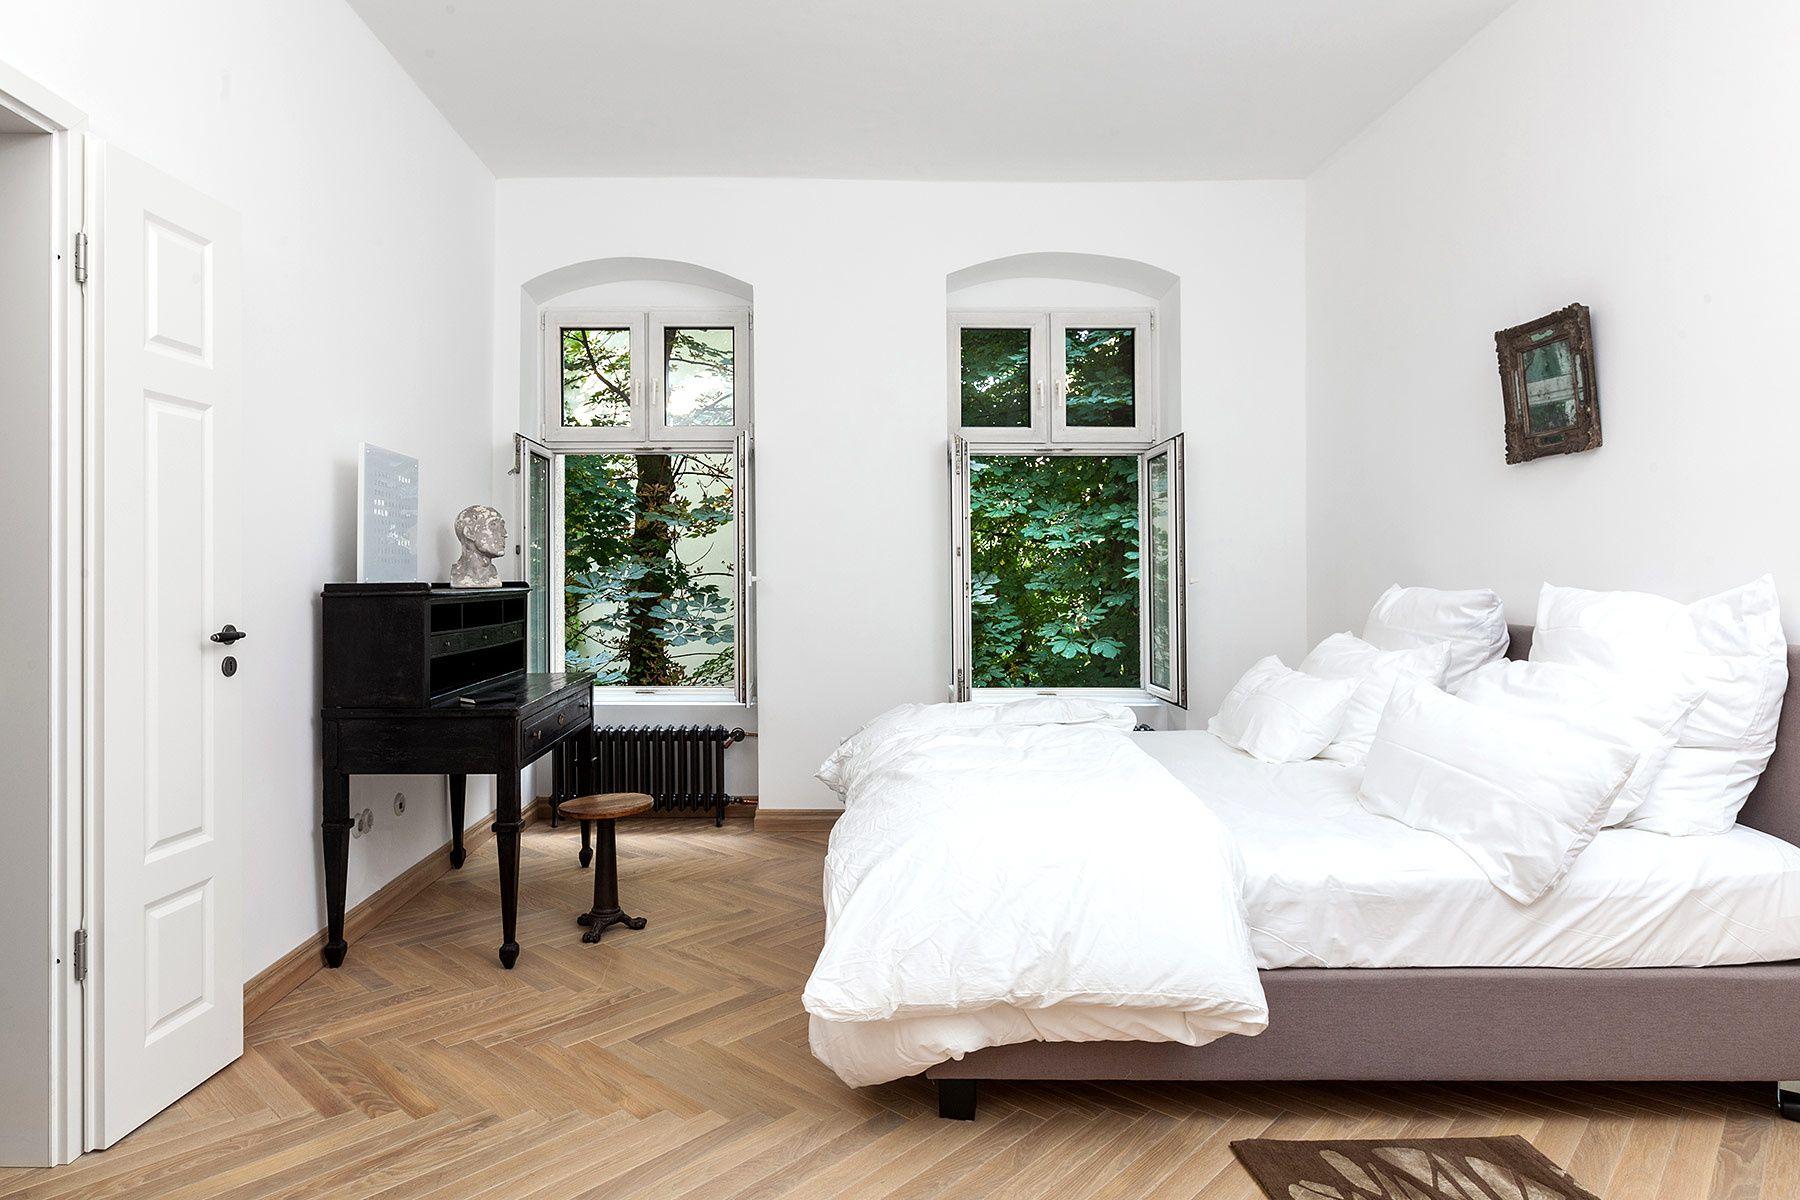 El dormitorio es el ltimo rinc n en la casa pero el m s relajado